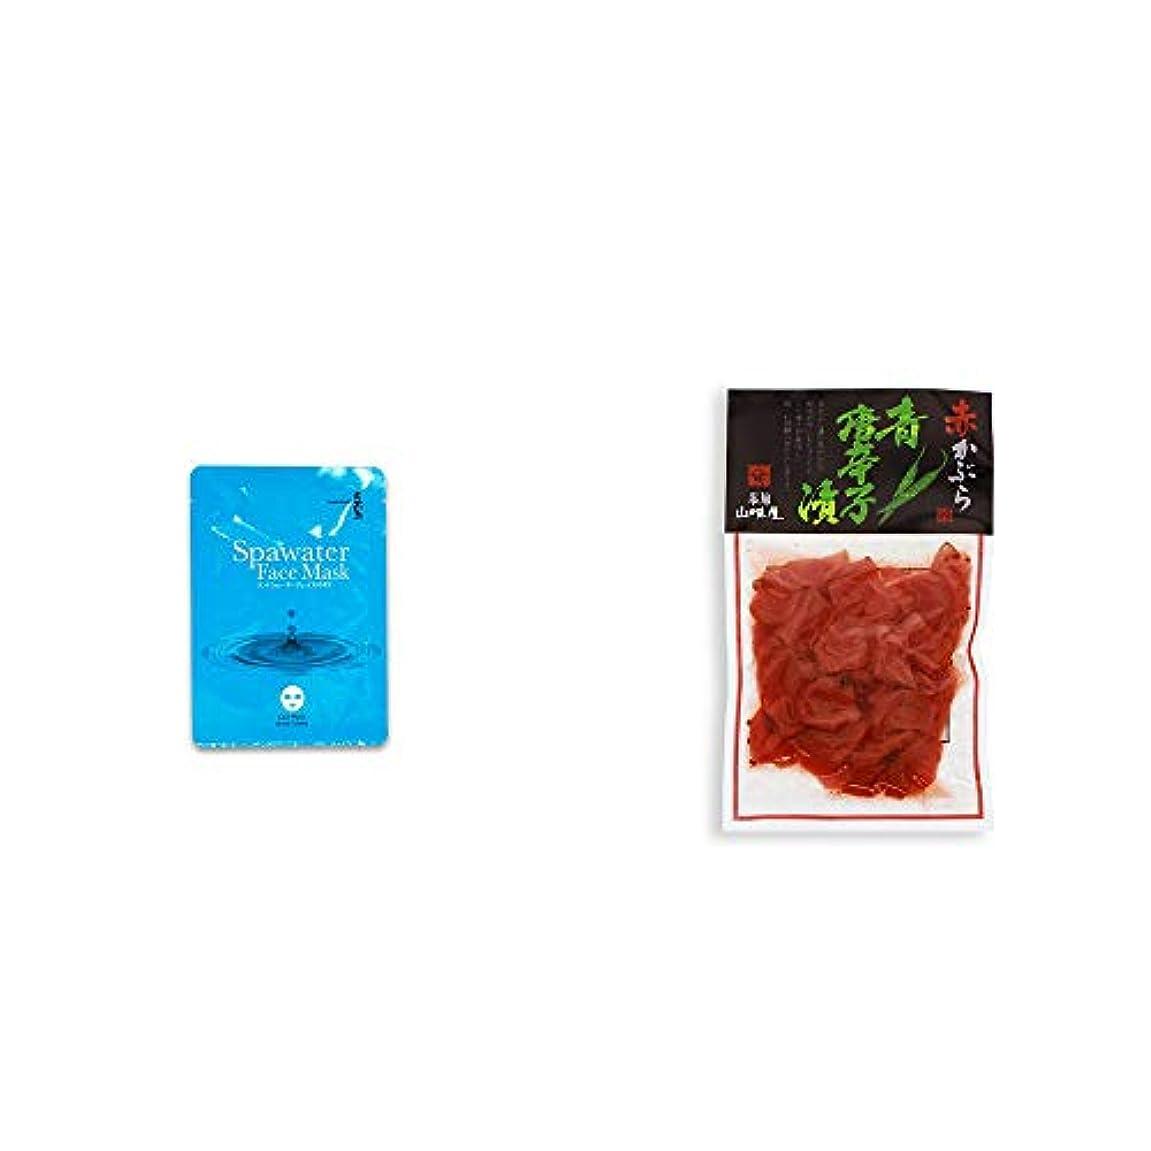 化粧暖炉家族[2点セット] ひのき炭黒泉 スパウォーターフェイスマスク(18ml×3枚入)?飛騨山味屋 赤かぶら 青唐辛子漬(140g)